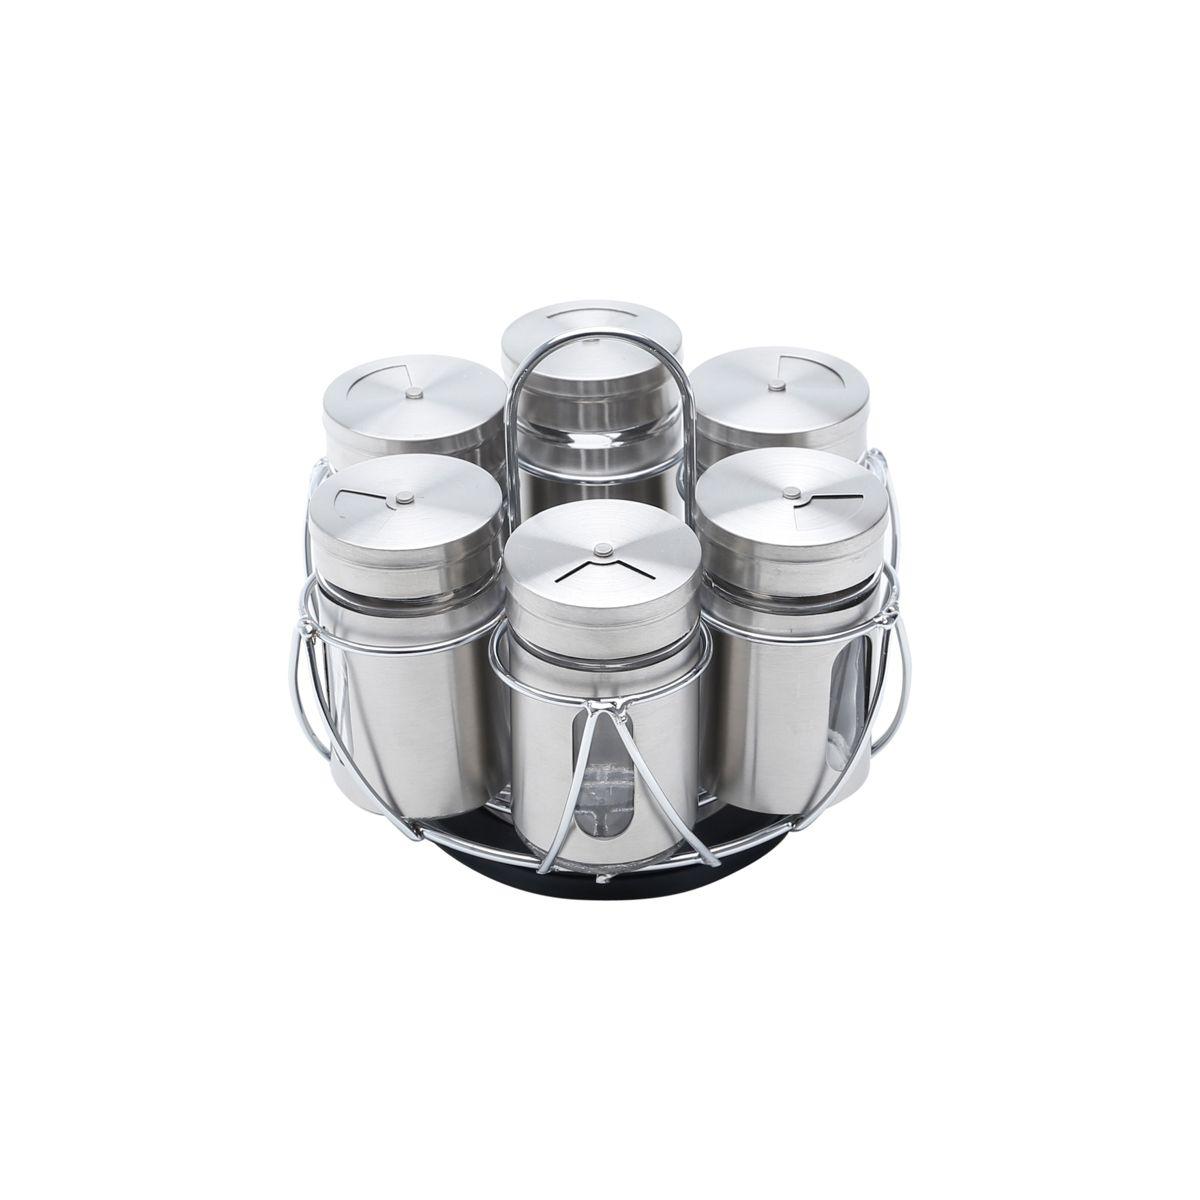 Porta Tempero Com Suporte Giratório Pointer de Aço Inox e Vidro - 7 Peças 7,5X15cm